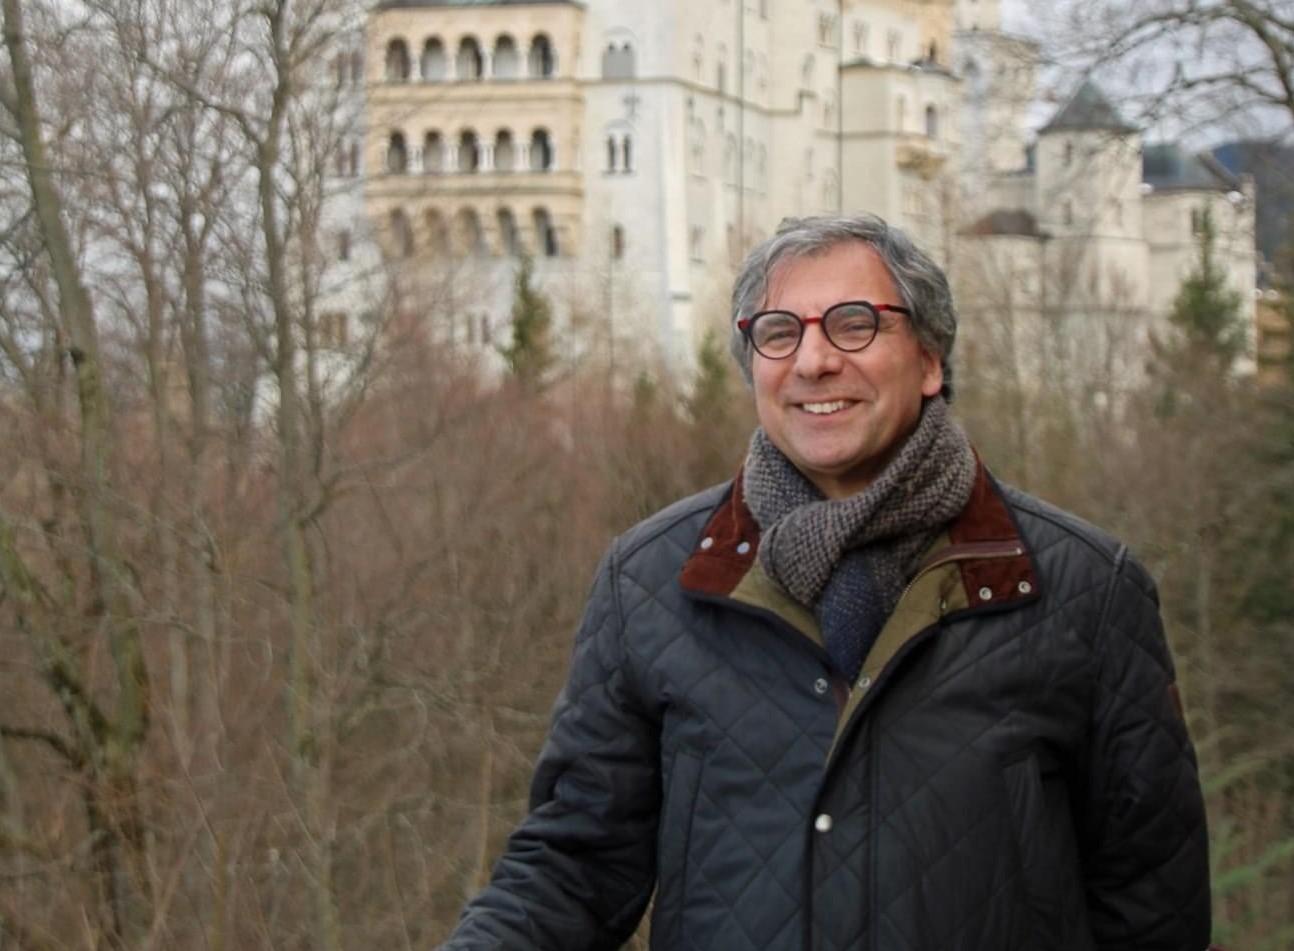 """Consul-generaal Paul Ymkers: """"Baden-Württemberg en Beieren na Noordrijn-Westfalen belangrijkste regio's voor Nederland"""""""